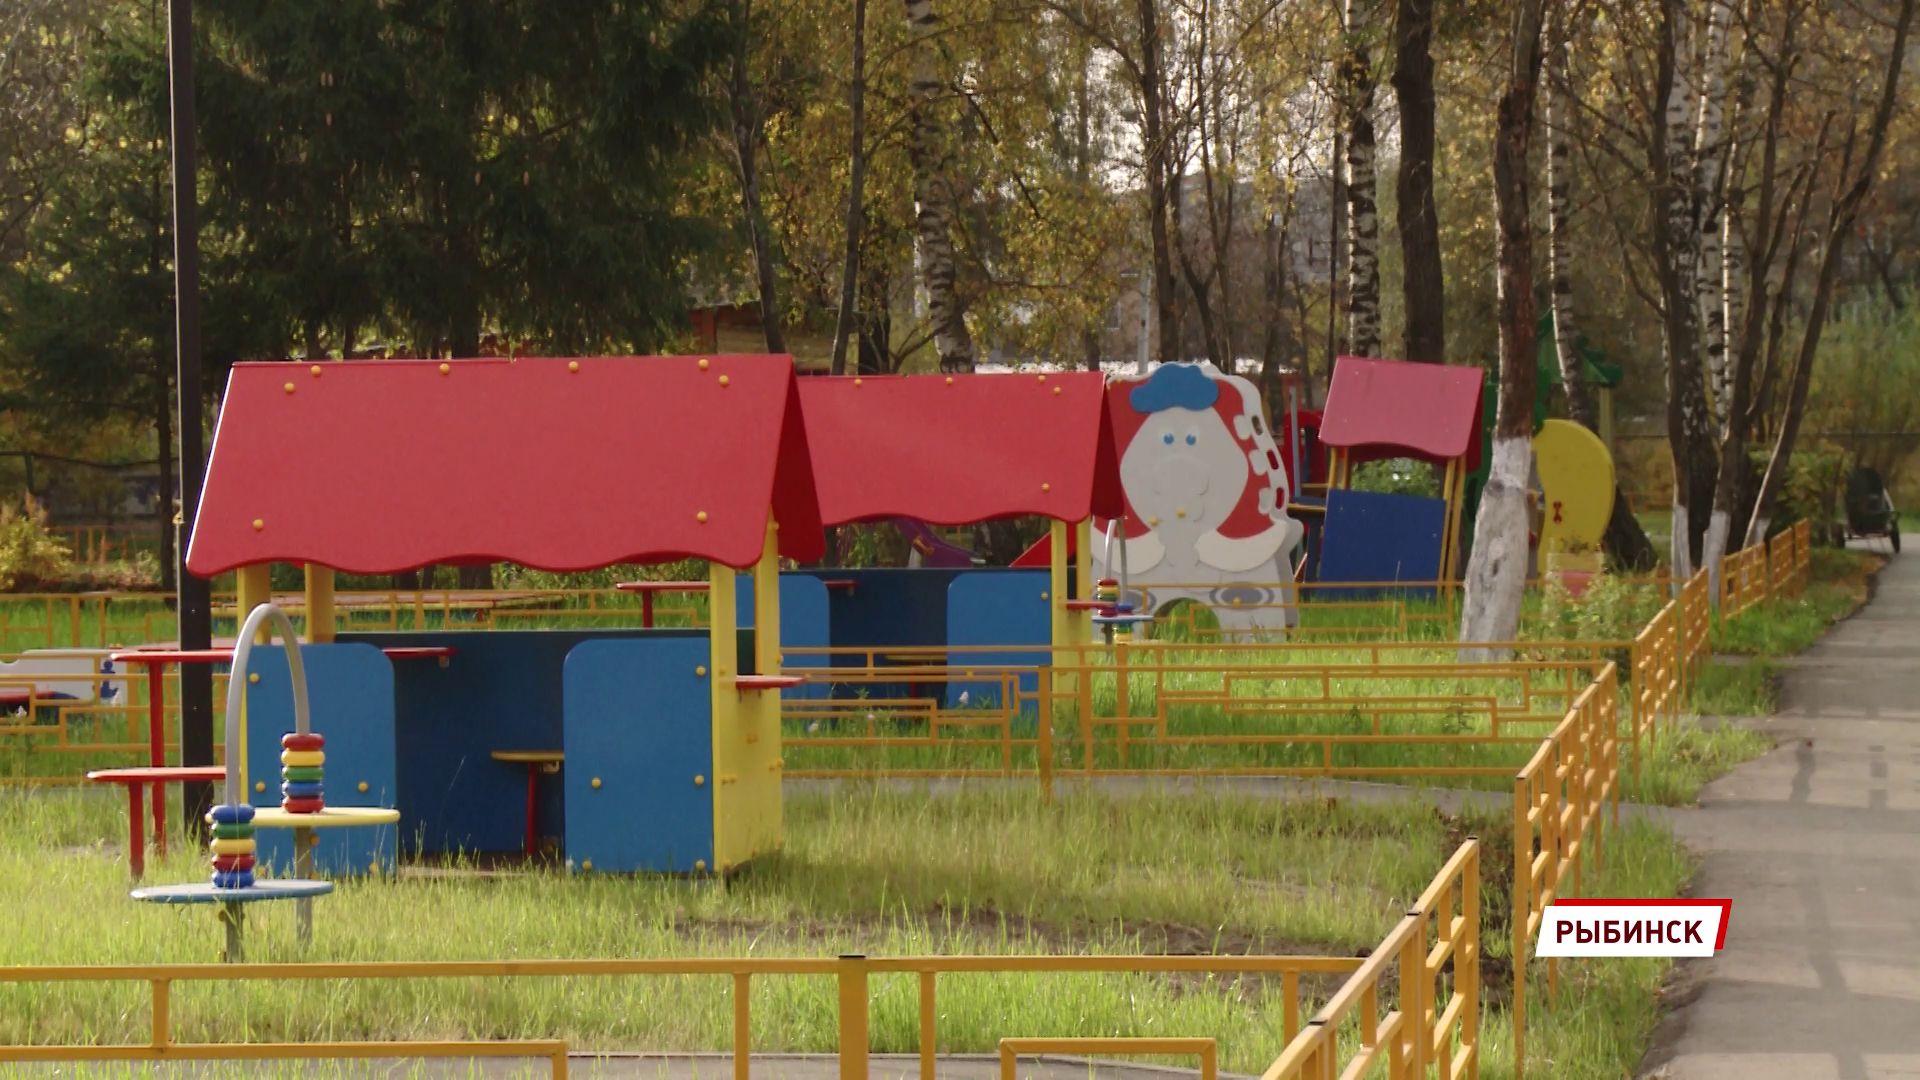 В Рыбинске готовы полностью решить вопрос с очередями в детские сады